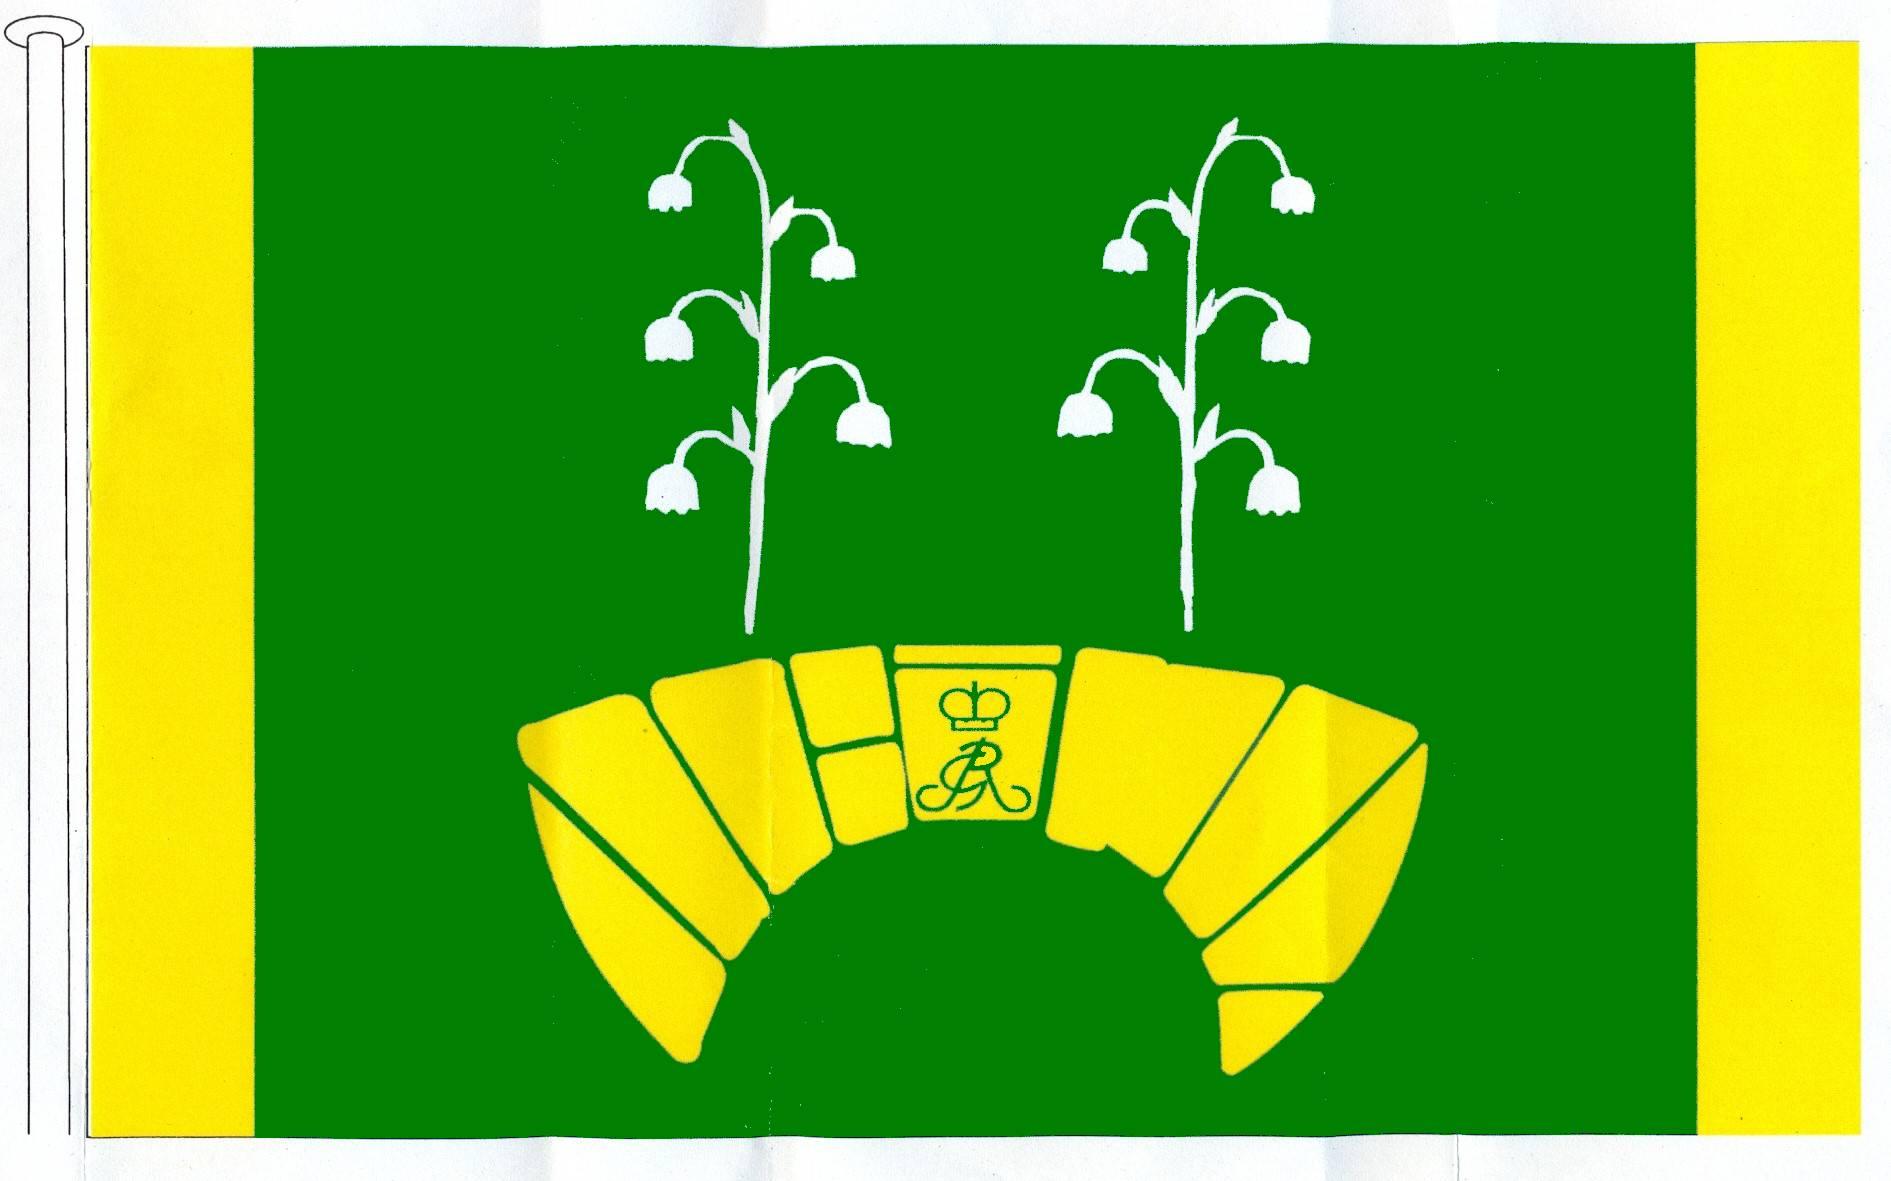 Flagge GemeindeEscheburg, Kreis Herzogtum Lauenburg